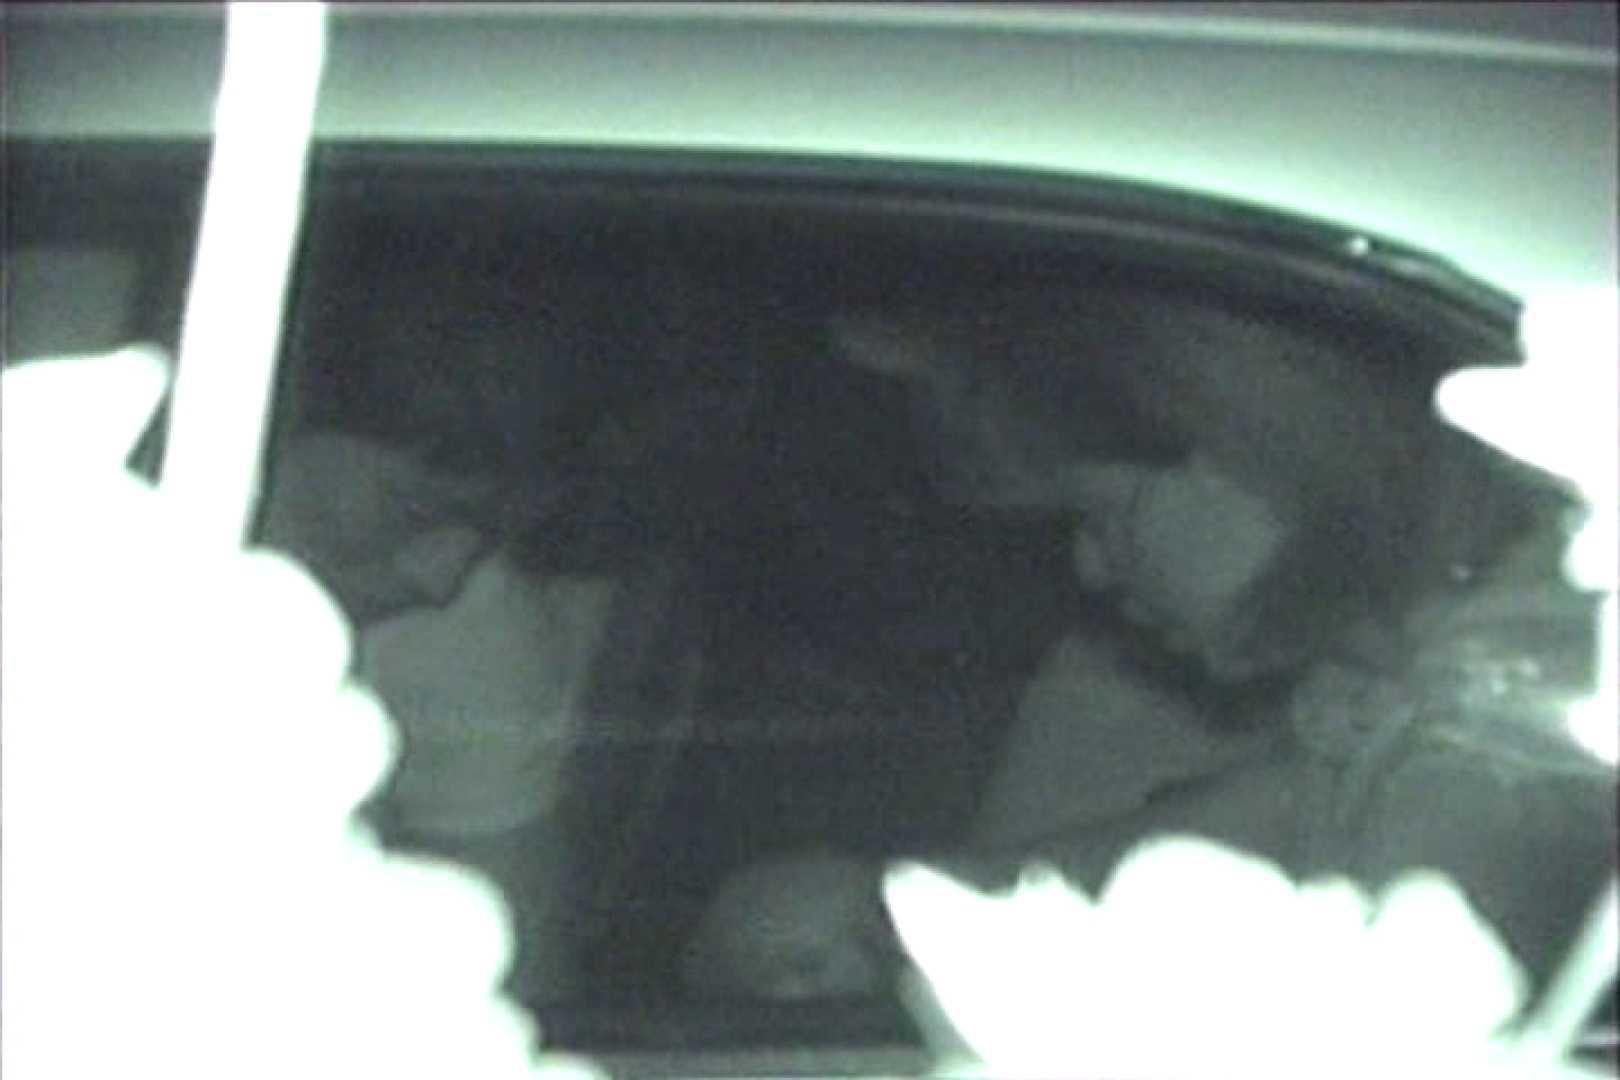 車の中はラブホテル 無修正版  Vol.16 カーセックス われめAV動画紹介 86PIX 41